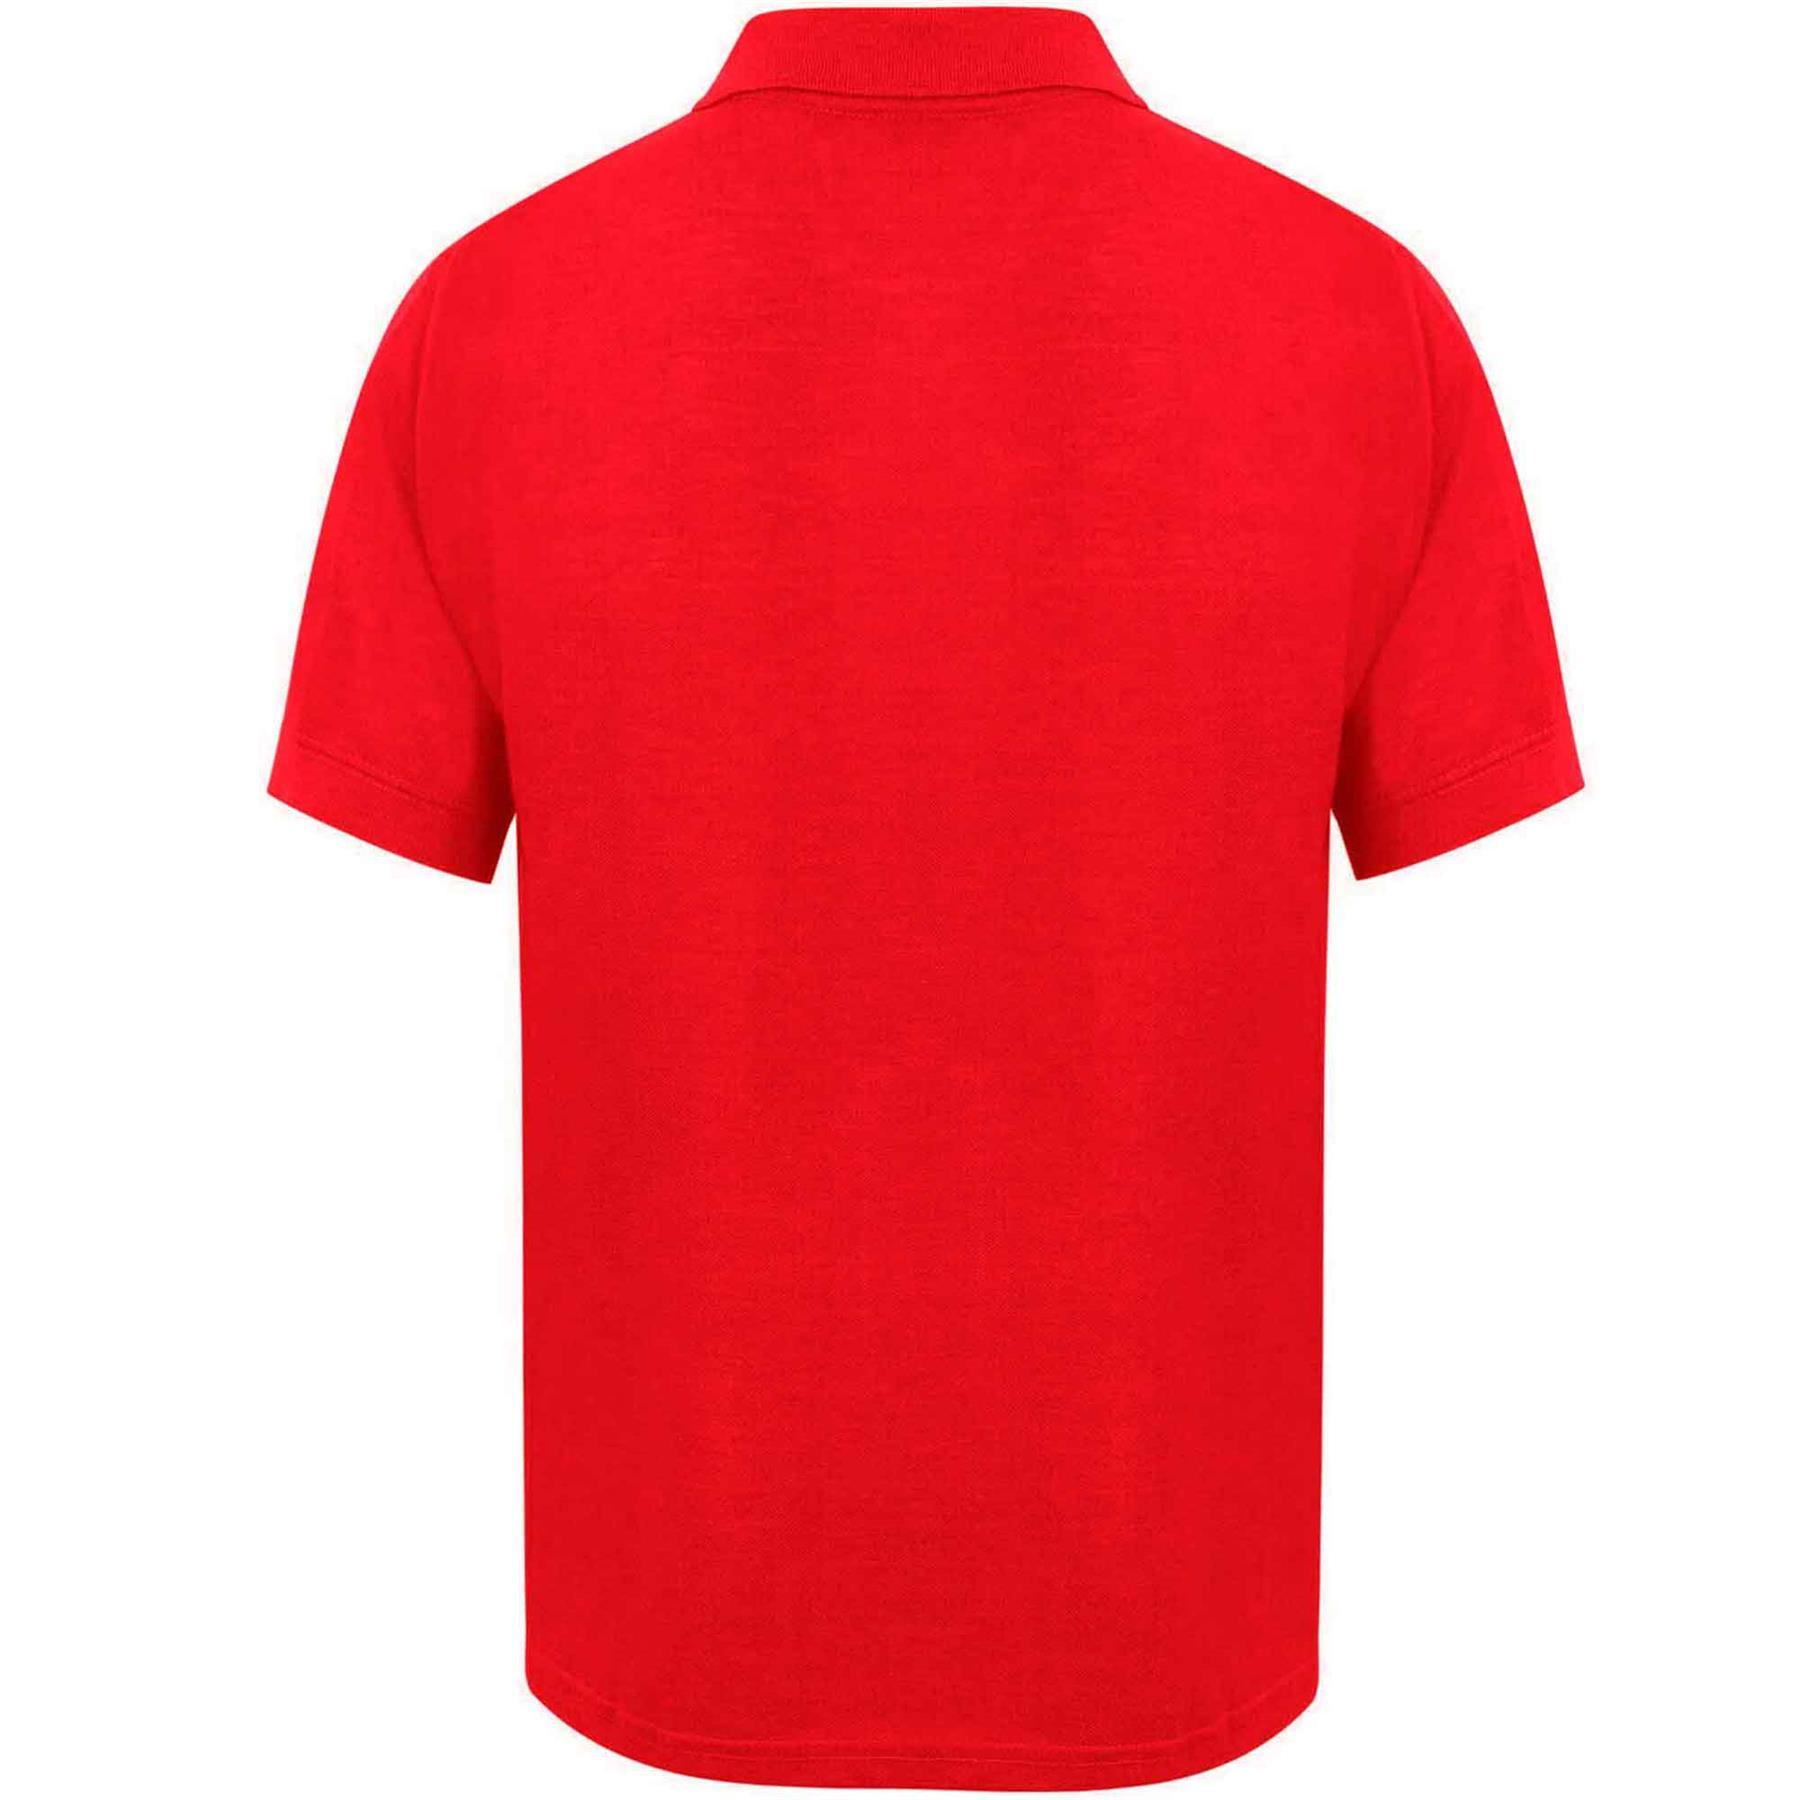 Indexbild 43 - Herren Polohemd Freizeit T-Shirts Neu Schlicht Kurzärmeliges Regular Fit